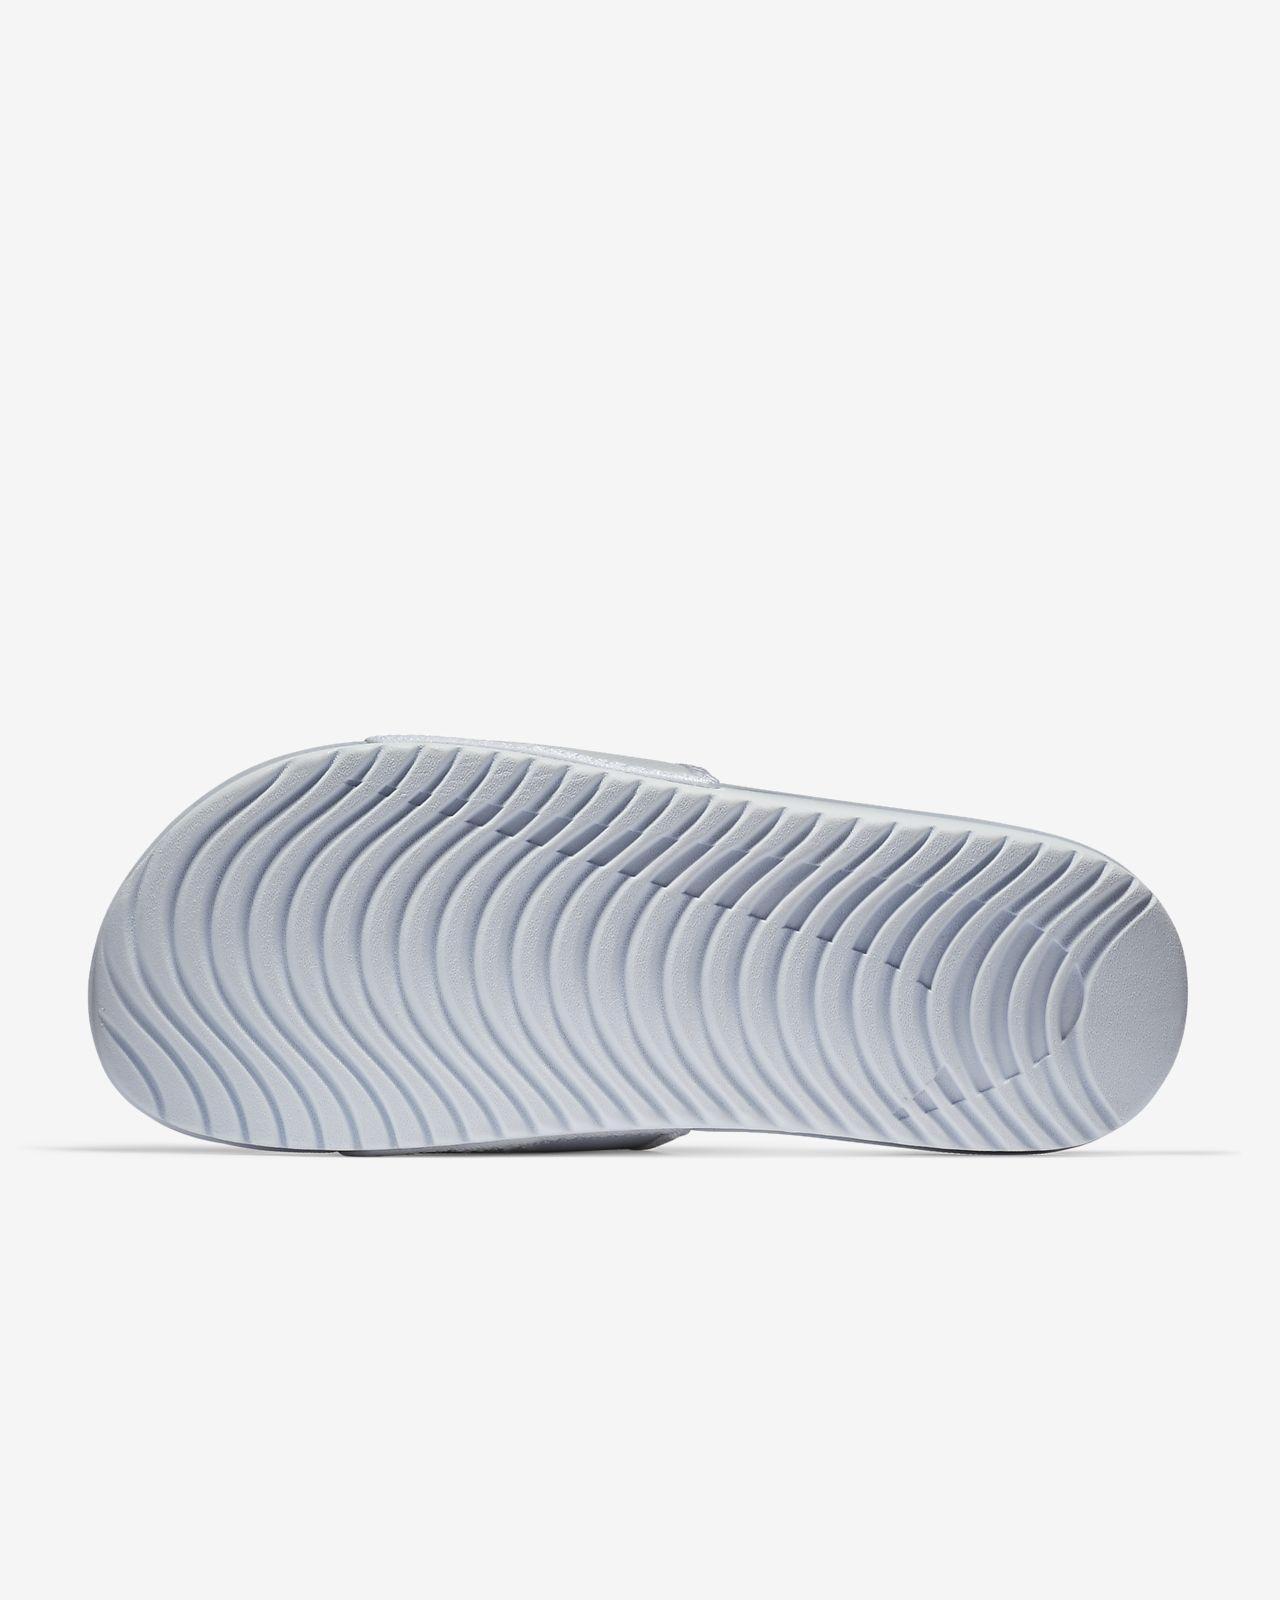 b5d5e5953 Nike Kawa Men s Adjustable Slide. Nike.com